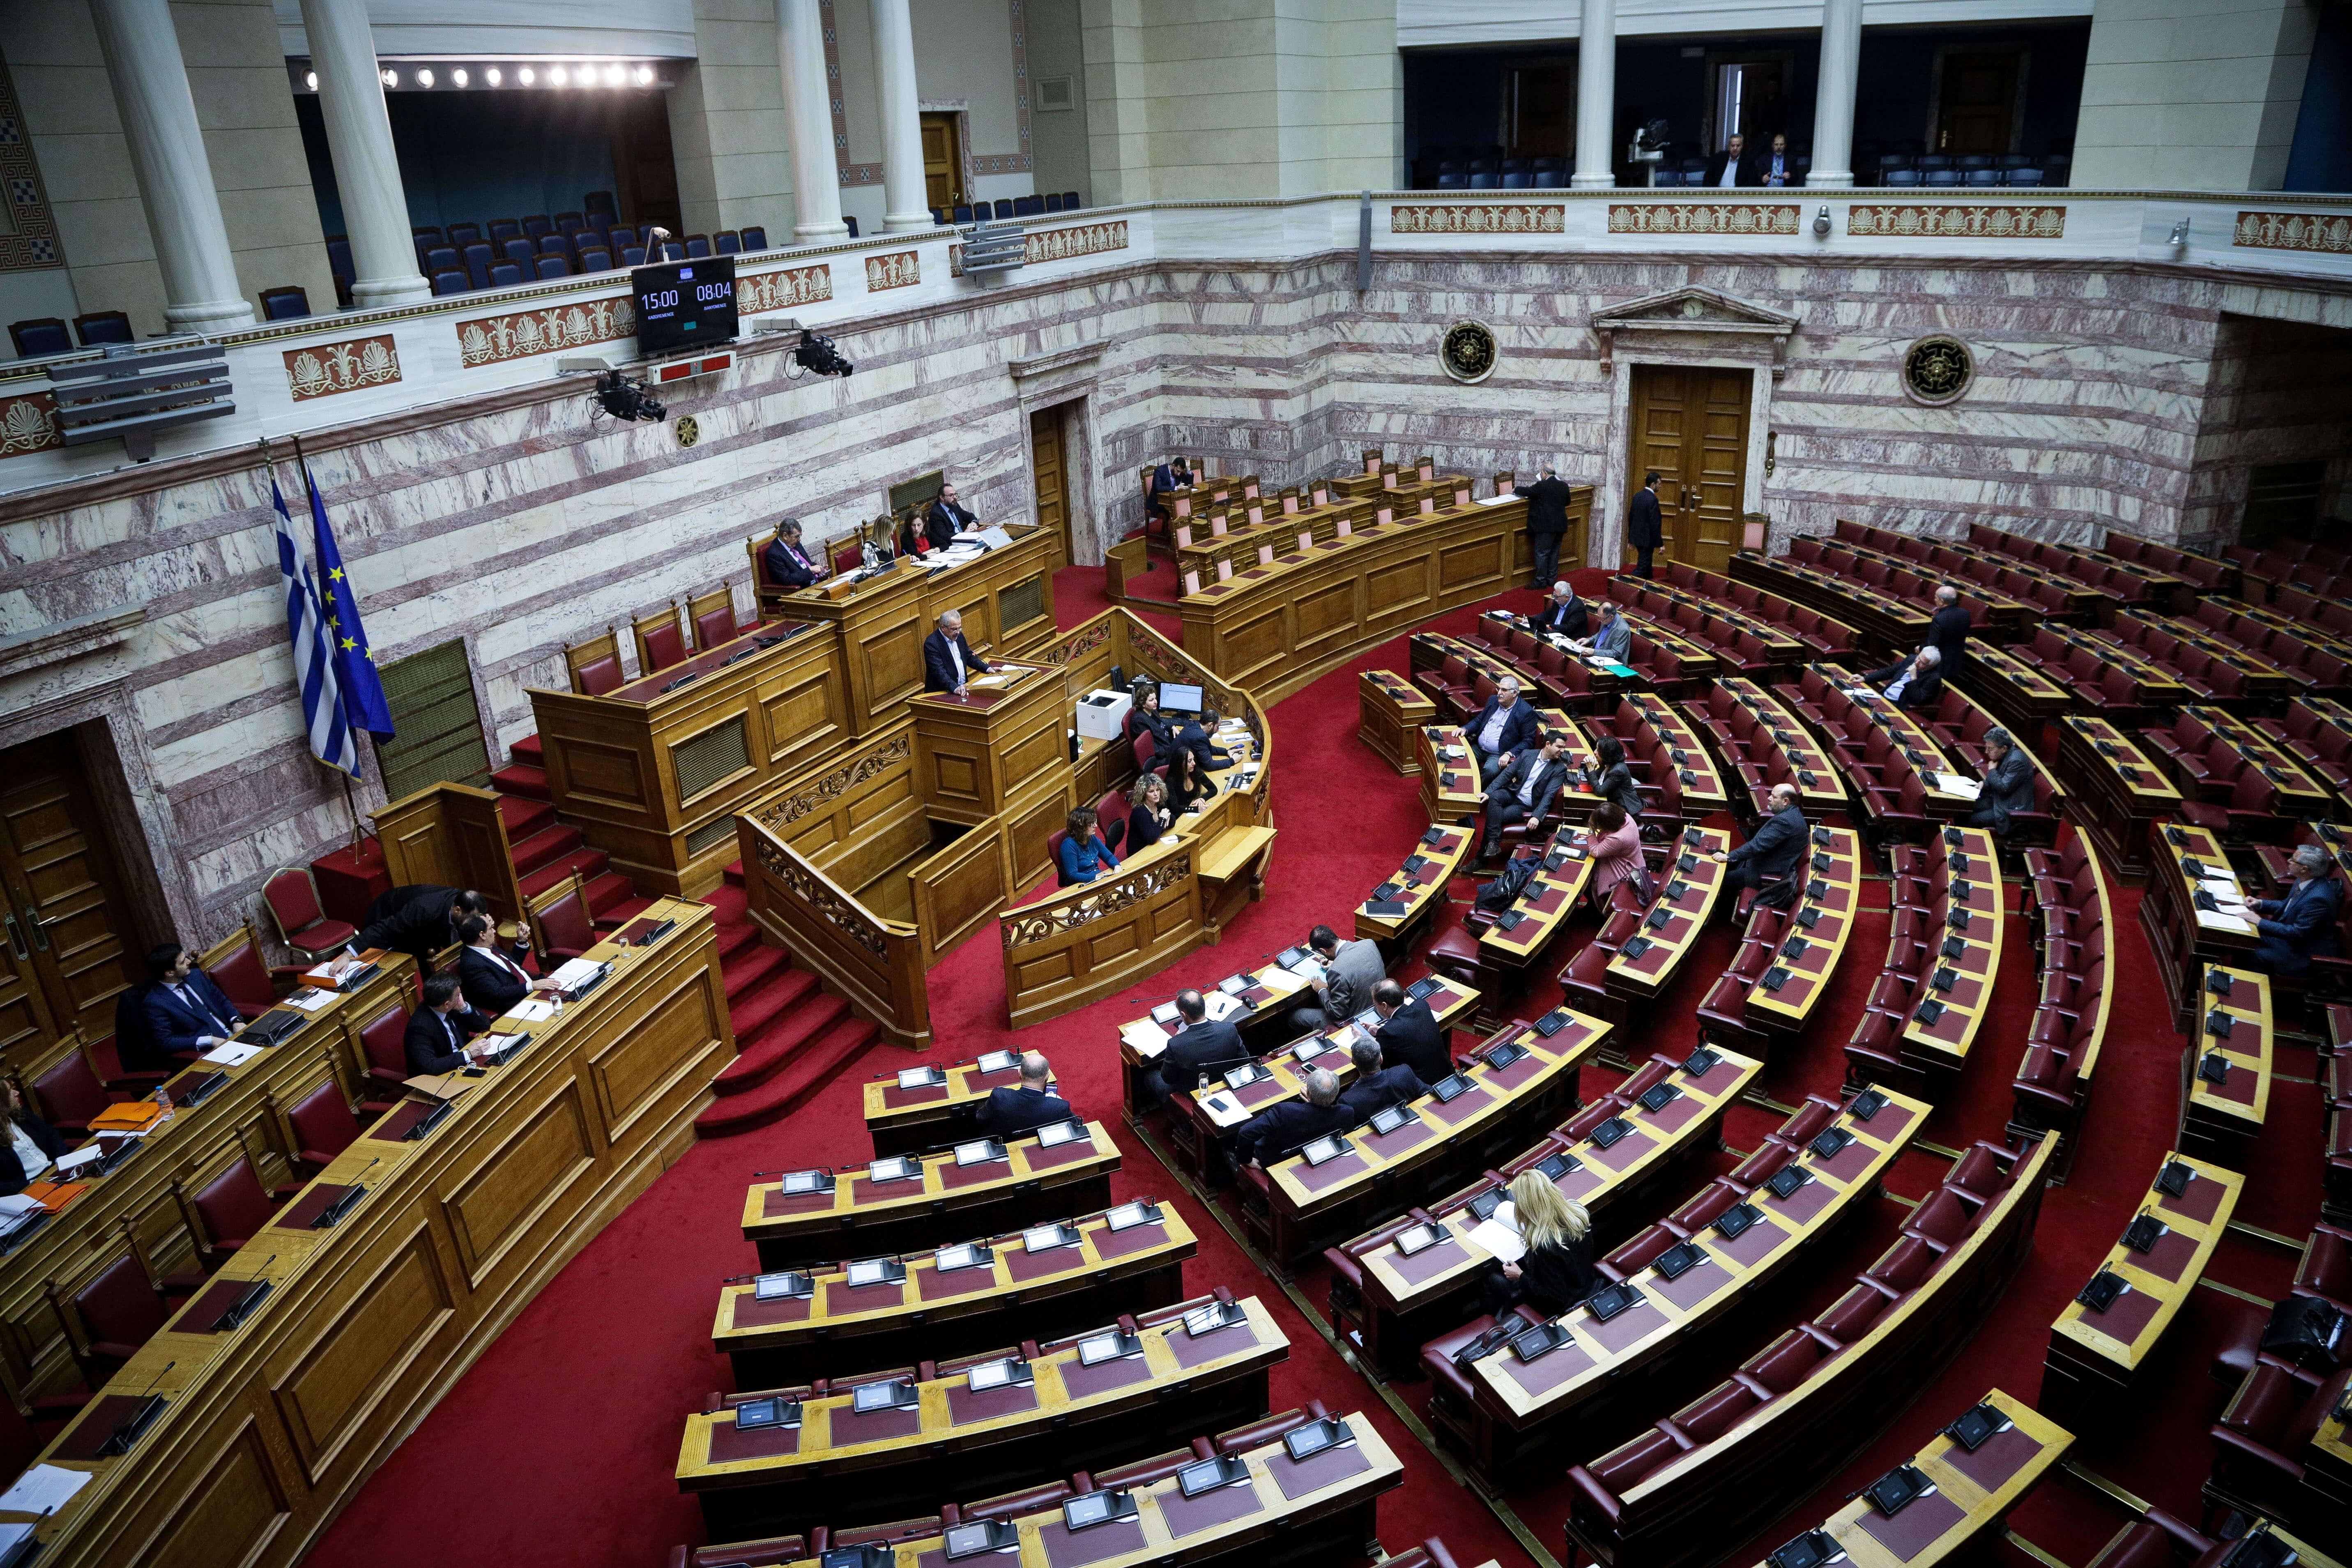 Βουλή: Στην Ολομέλεια αύριο οι υποθέσεις άρσης ασυλίας για Λοβέρδο και Σαλμά